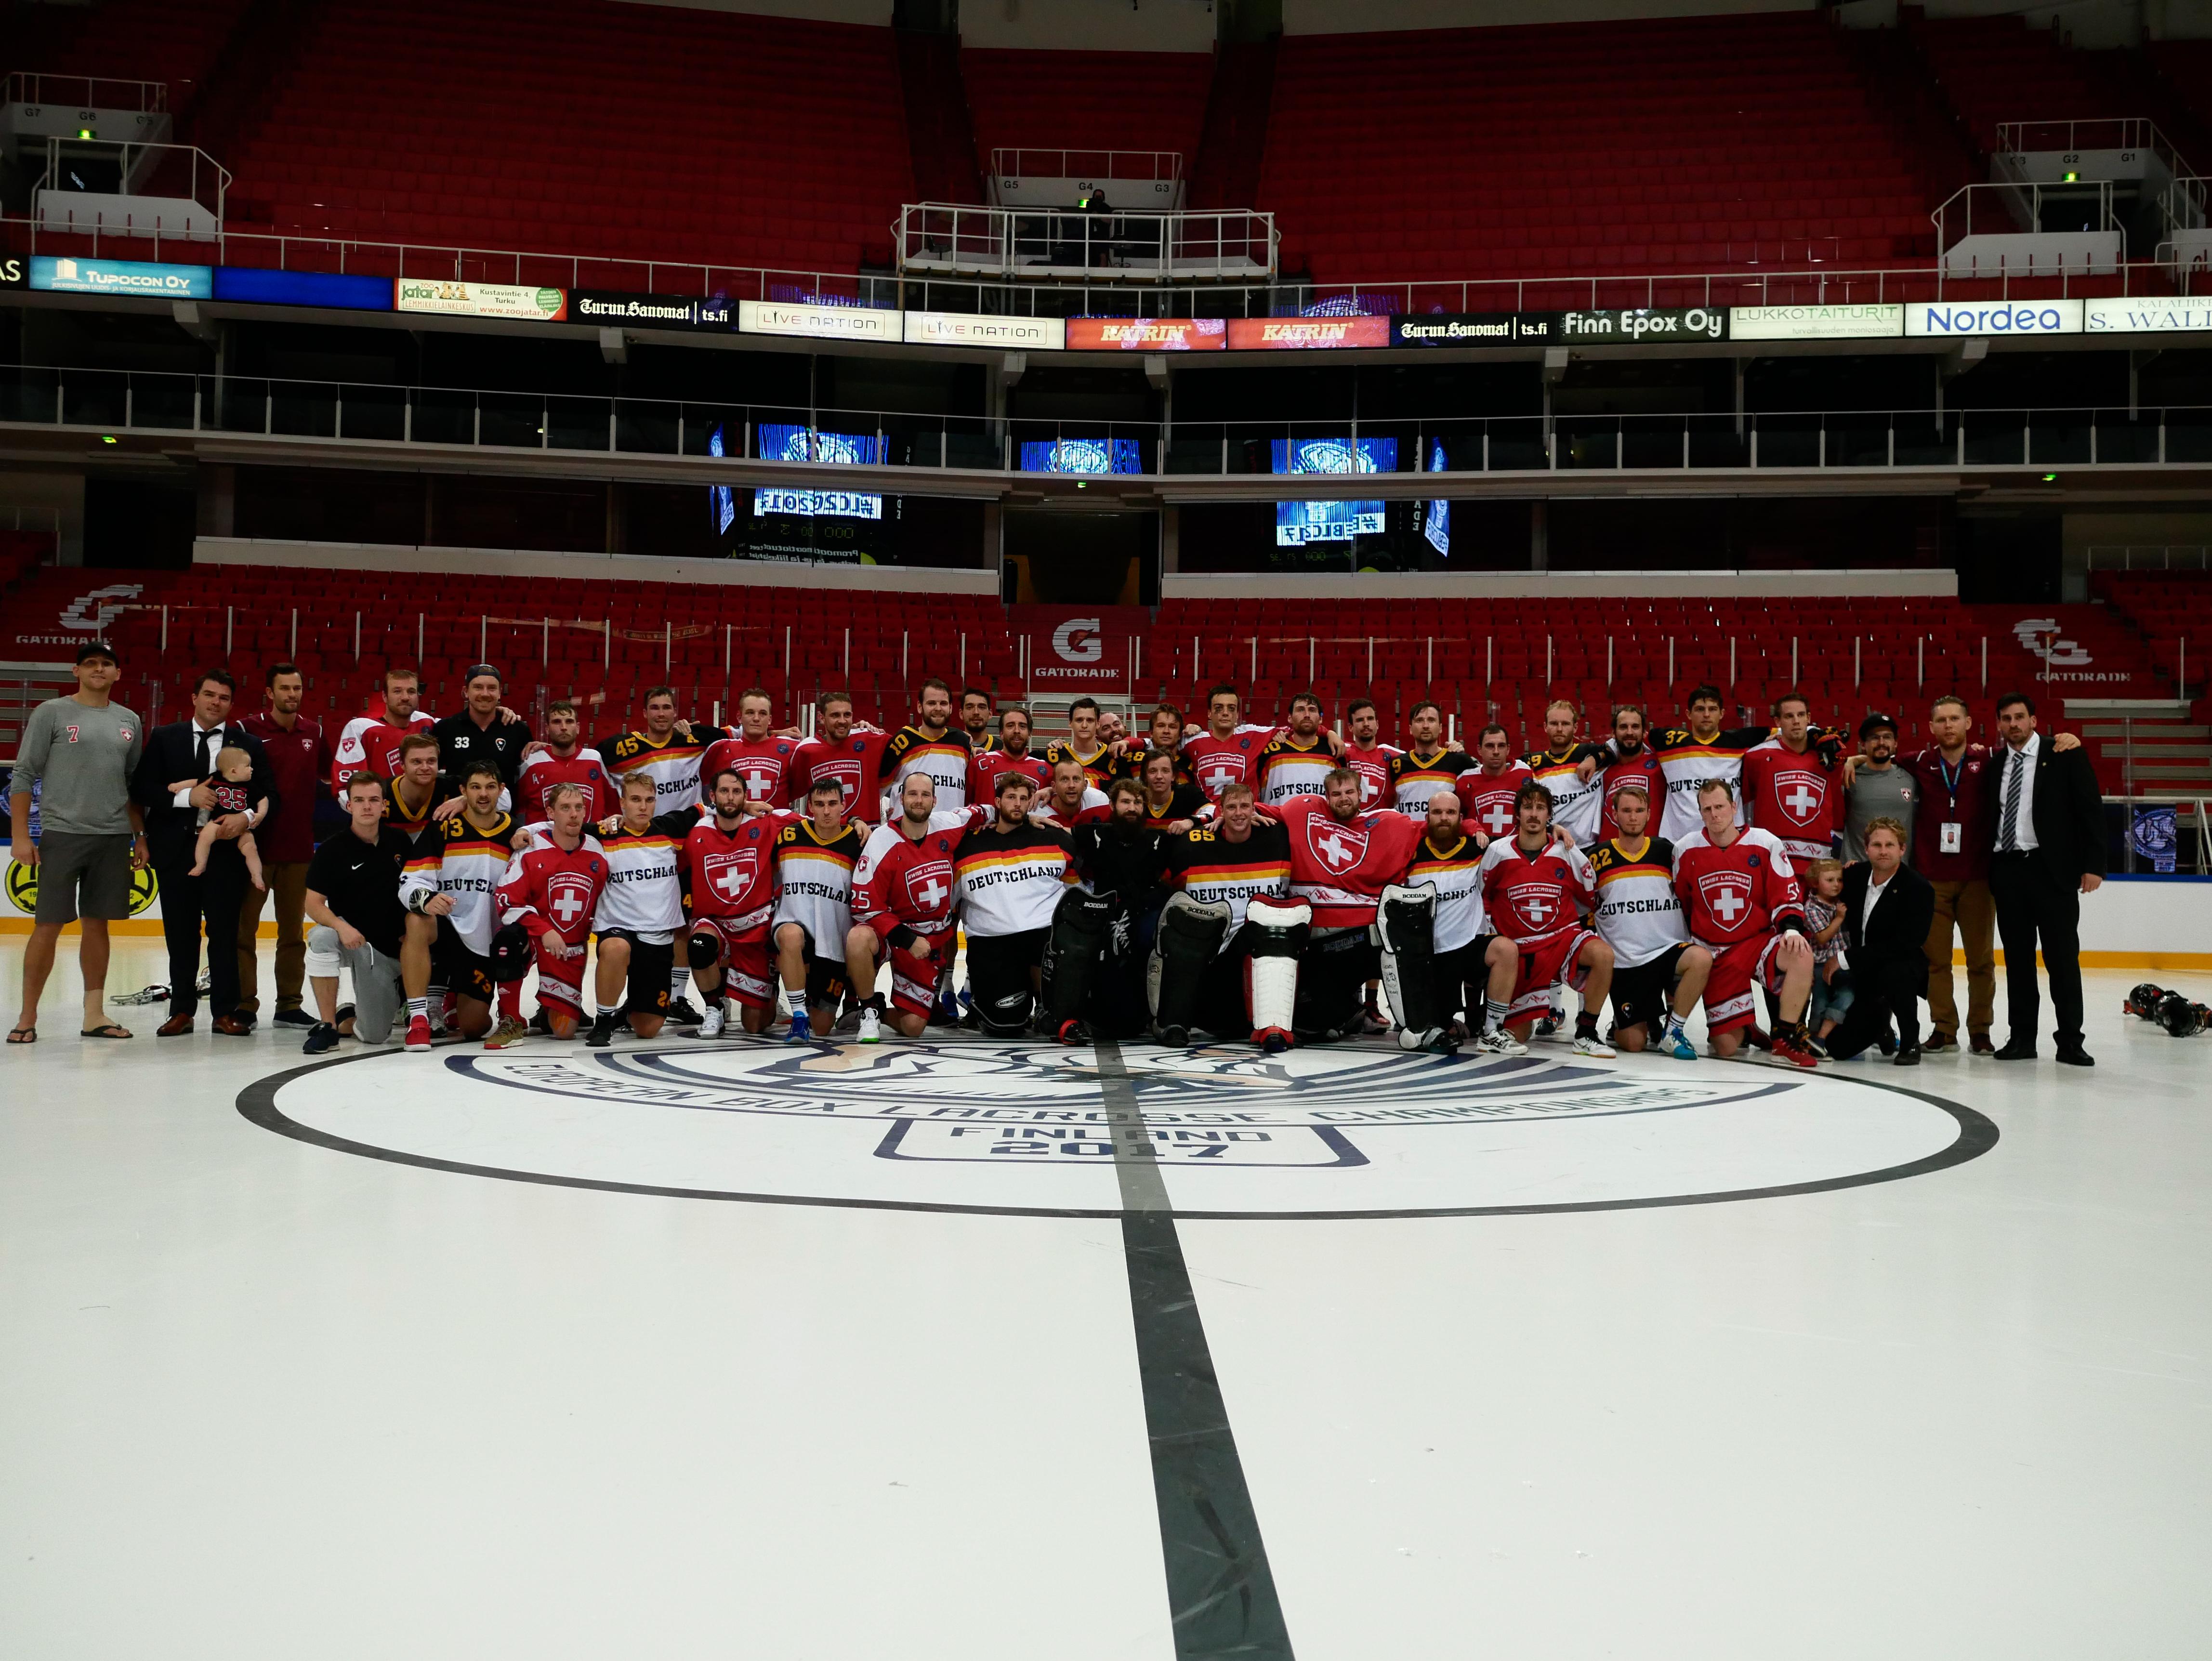 Gruppenfoto der Detuschen Indoor Natio mit dem Schweizer Team